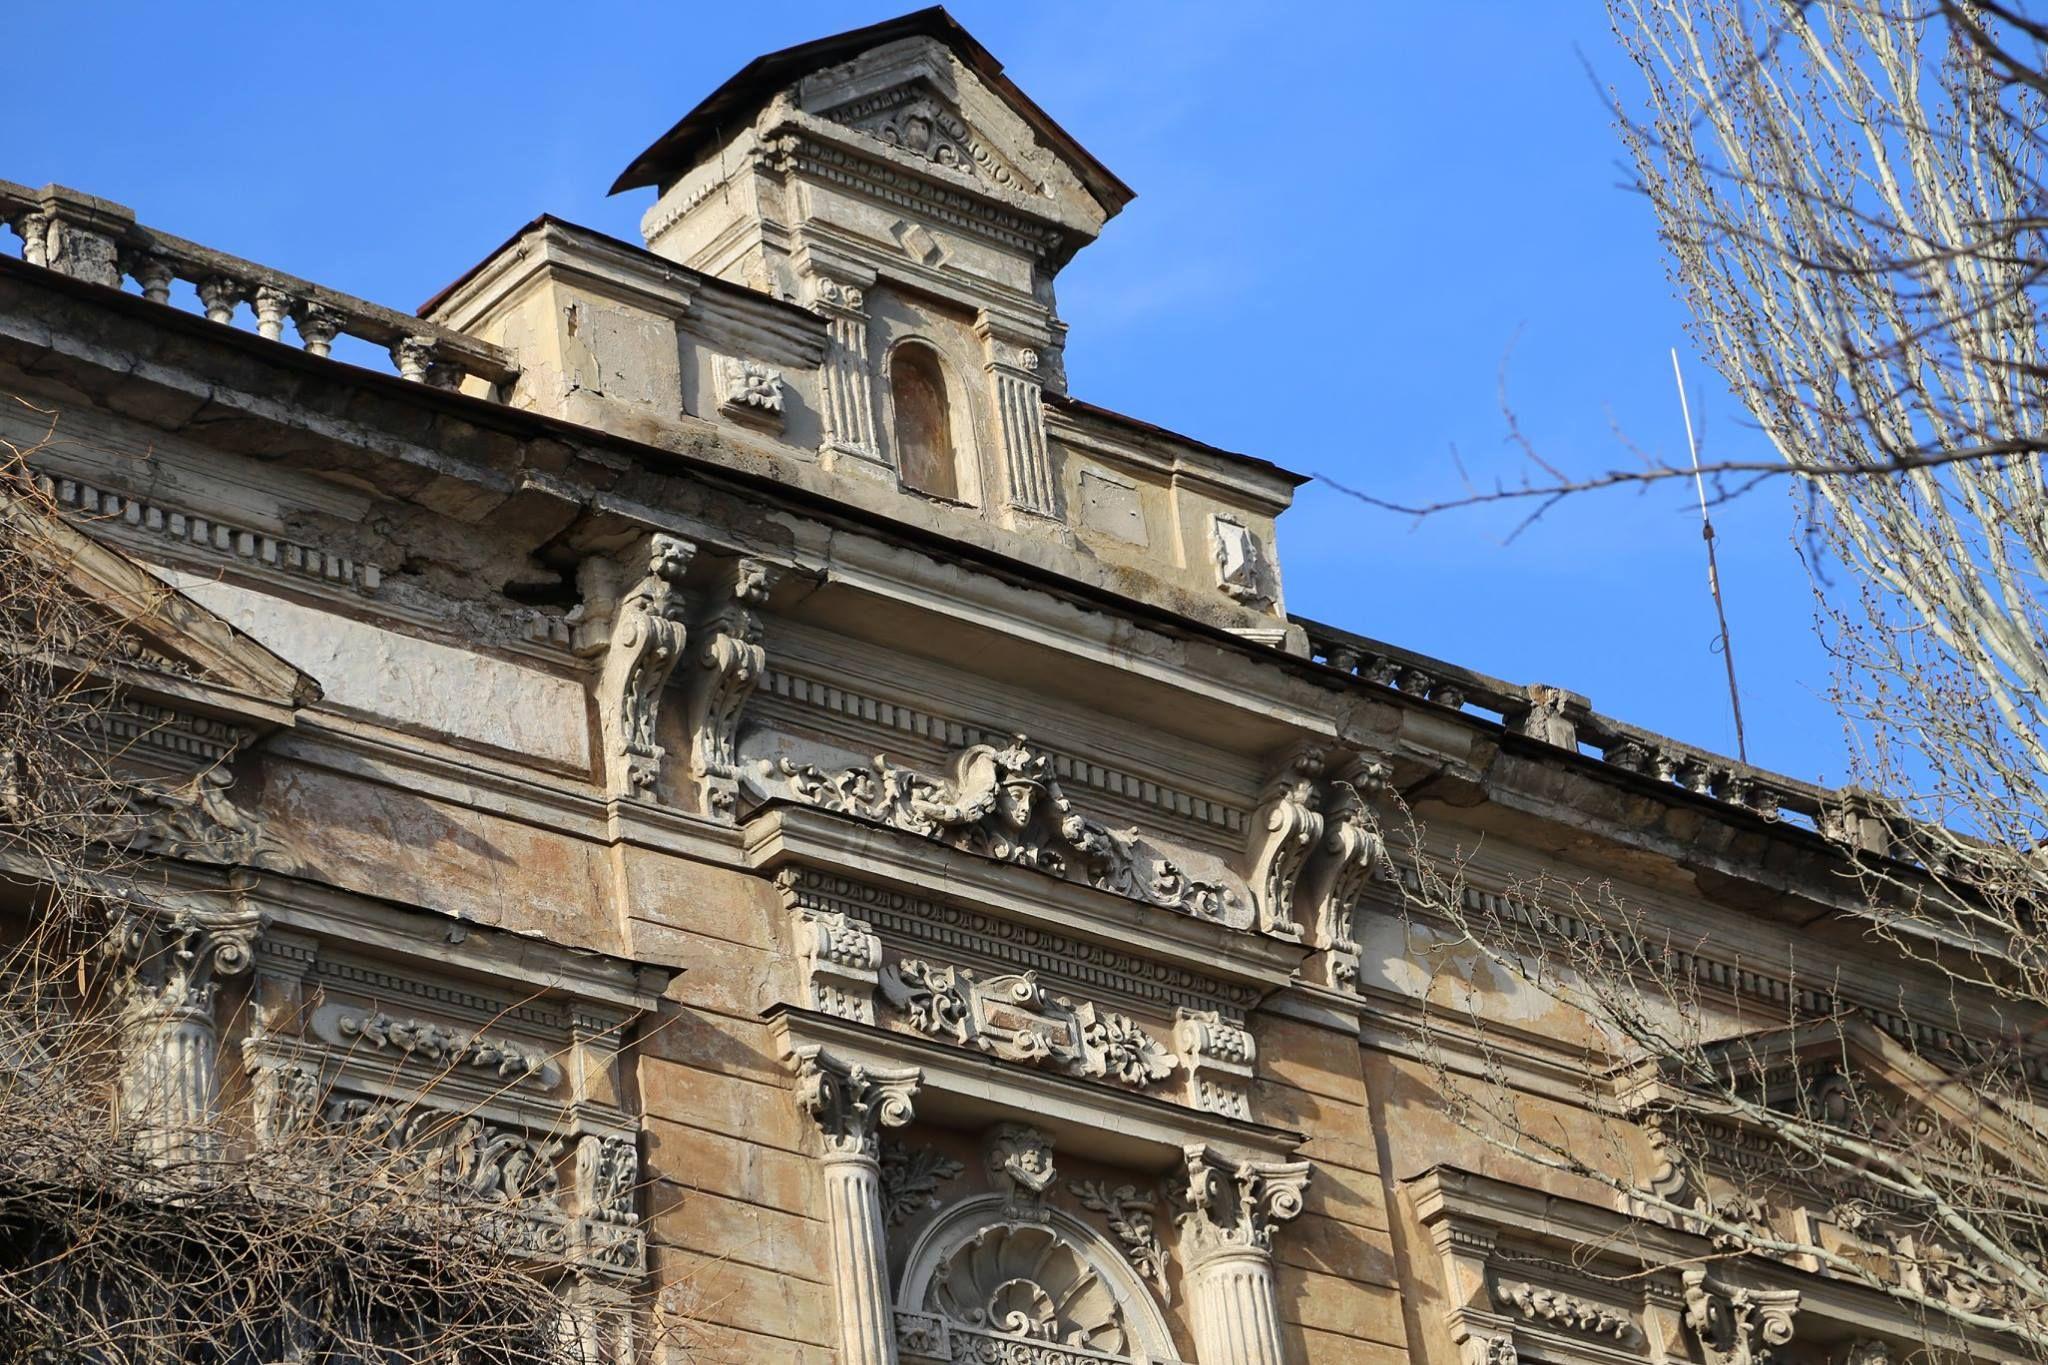 харьков украина фото архитектура скульптура только